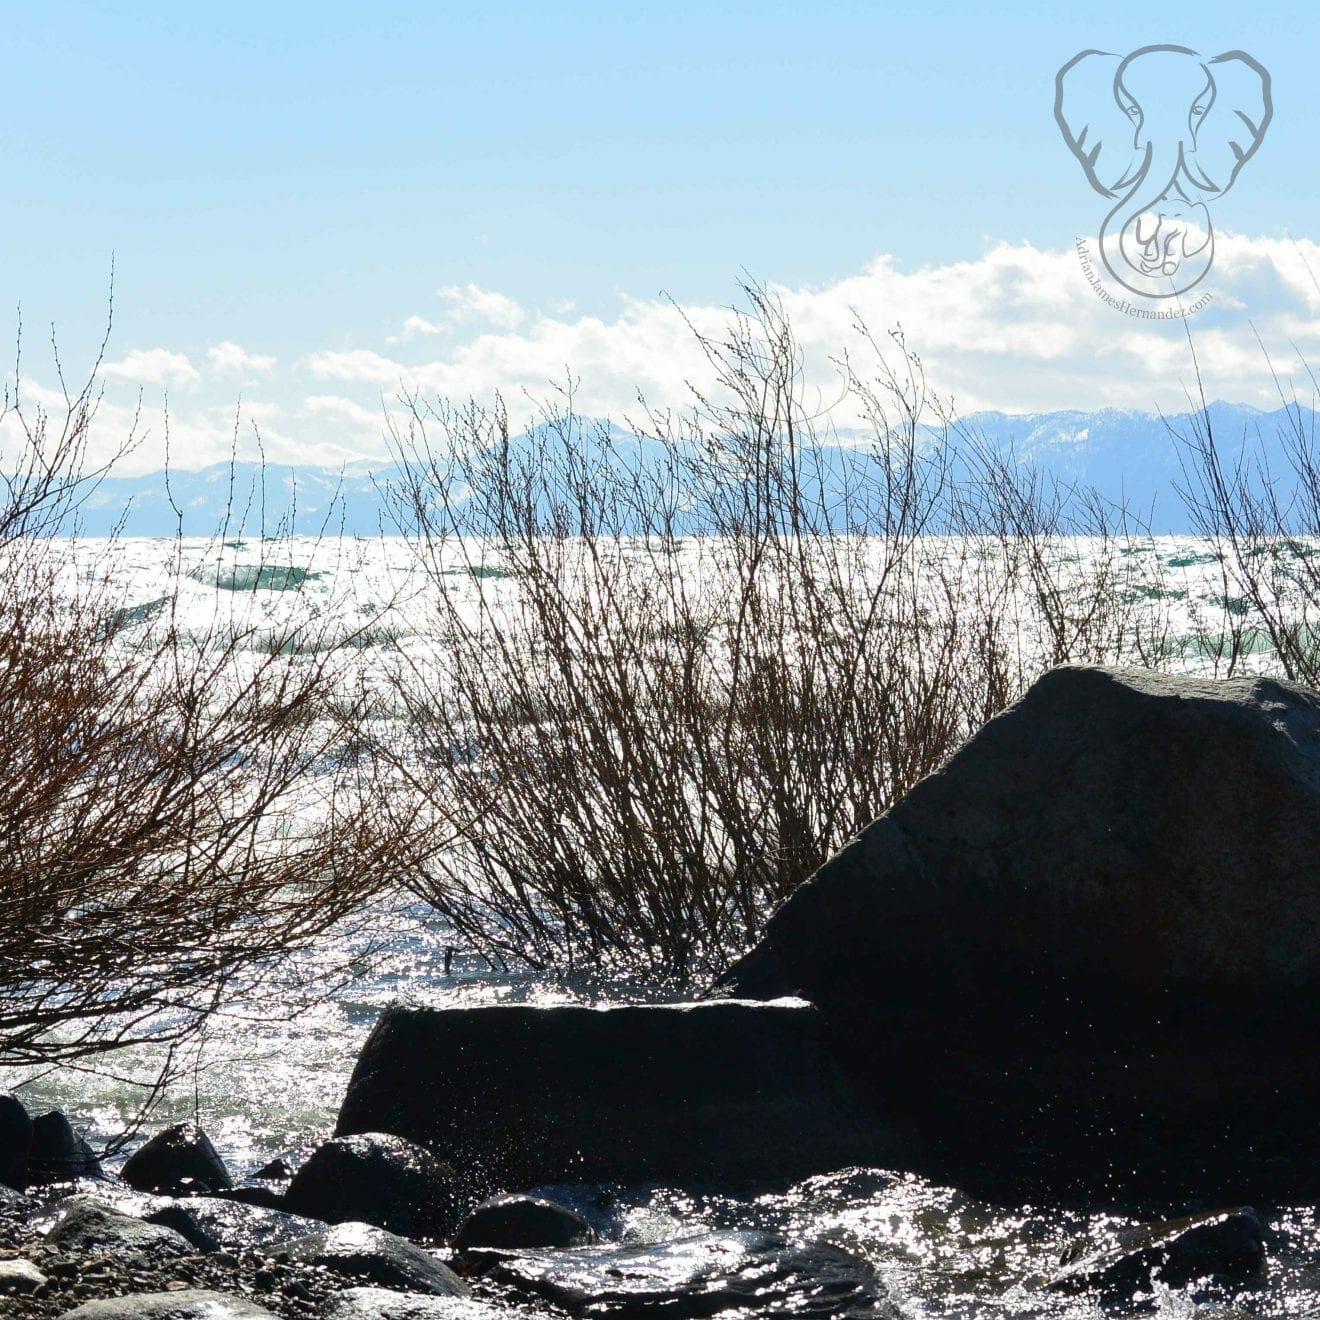 Boulder on the shore of North Lake Tahoe, California (Miranda Hernandez)